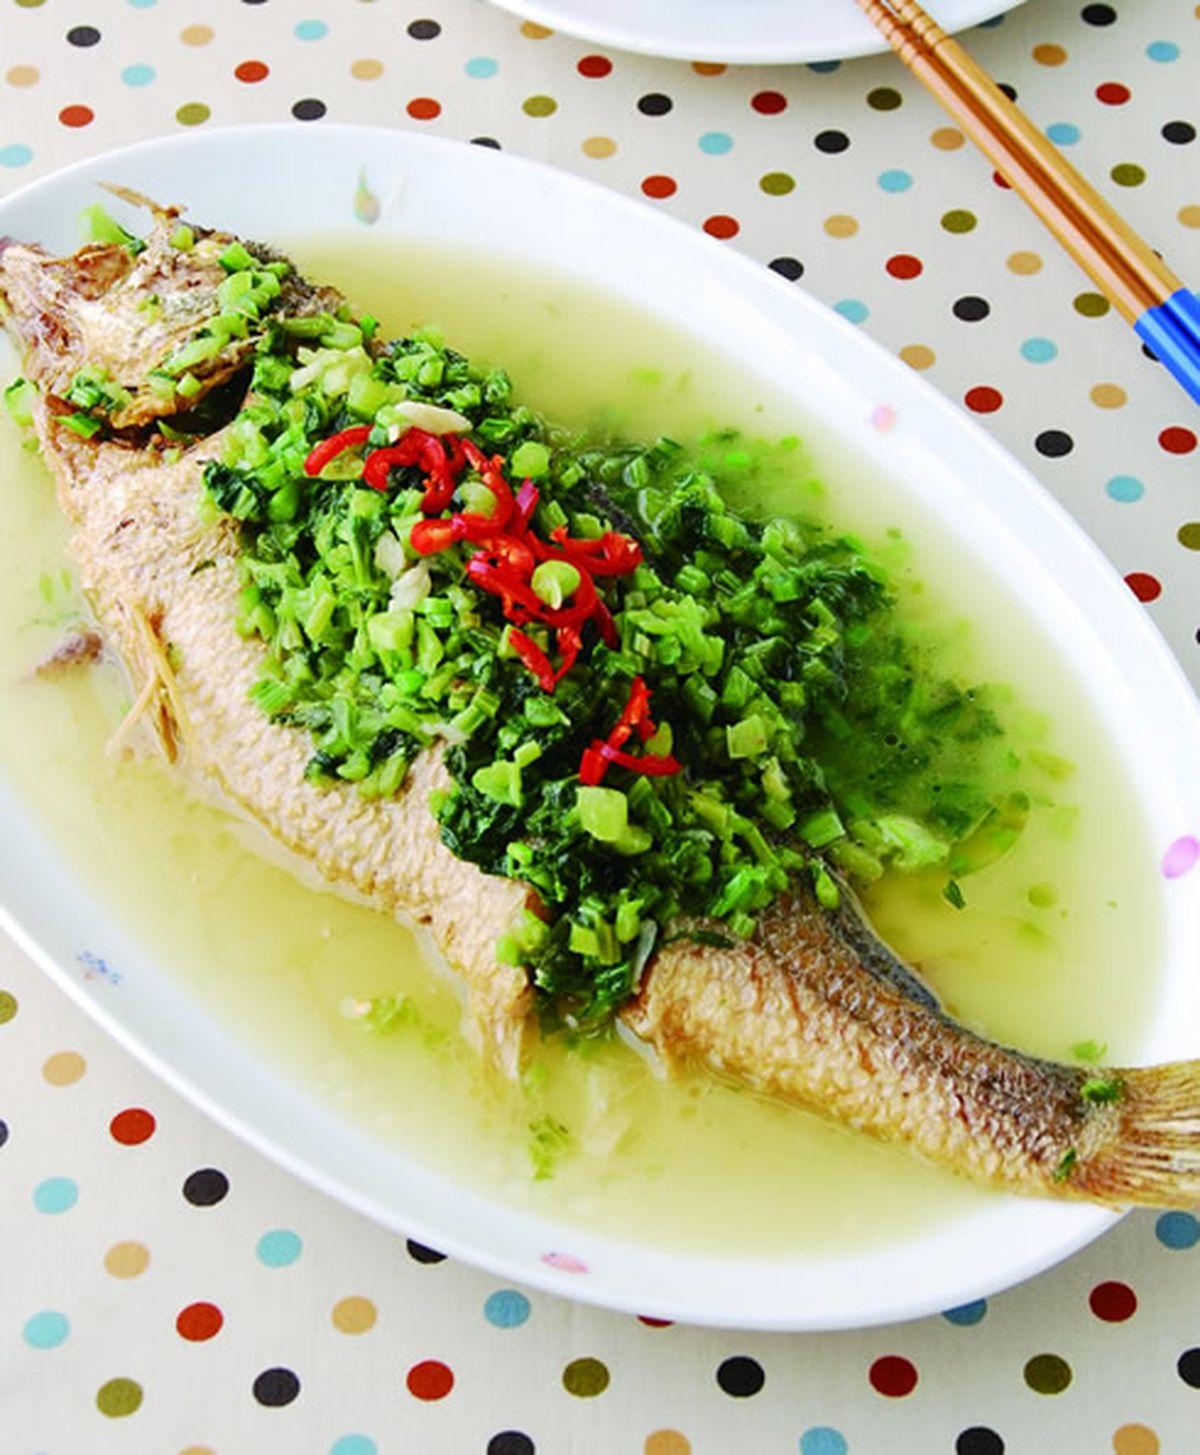 食譜:雪菜燒黃魚